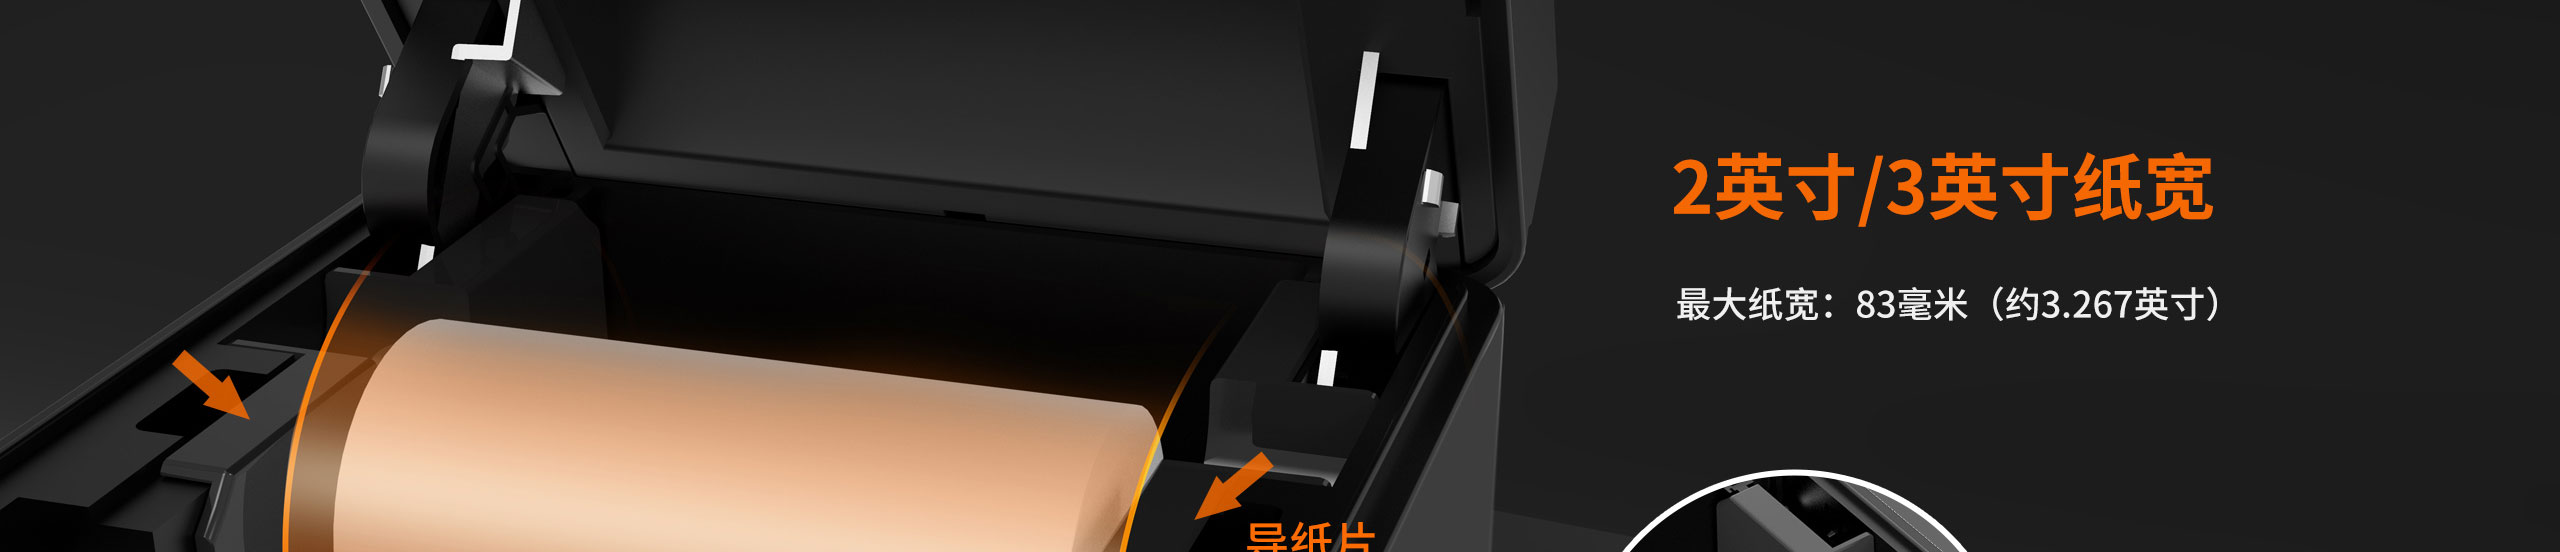 TP809热敏票据打印机,黑白两色可选  第32张